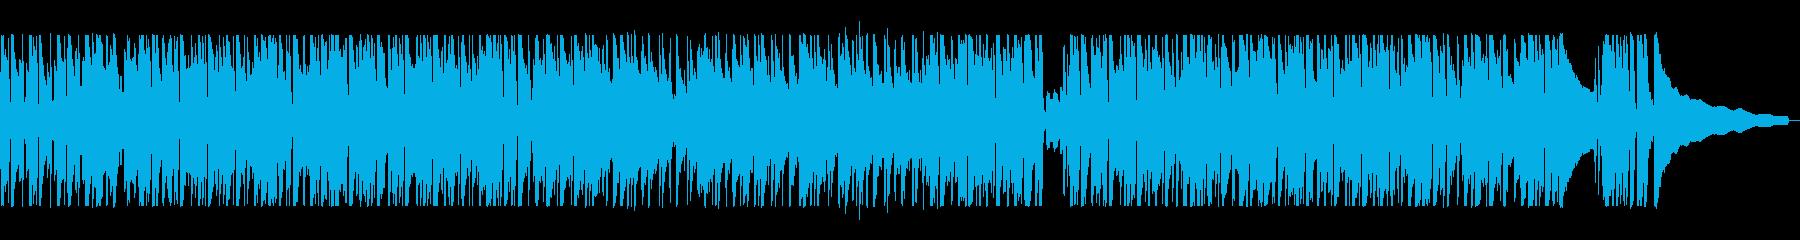 キャッチーで軽やかなポップ口笛サウンドの再生済みの波形